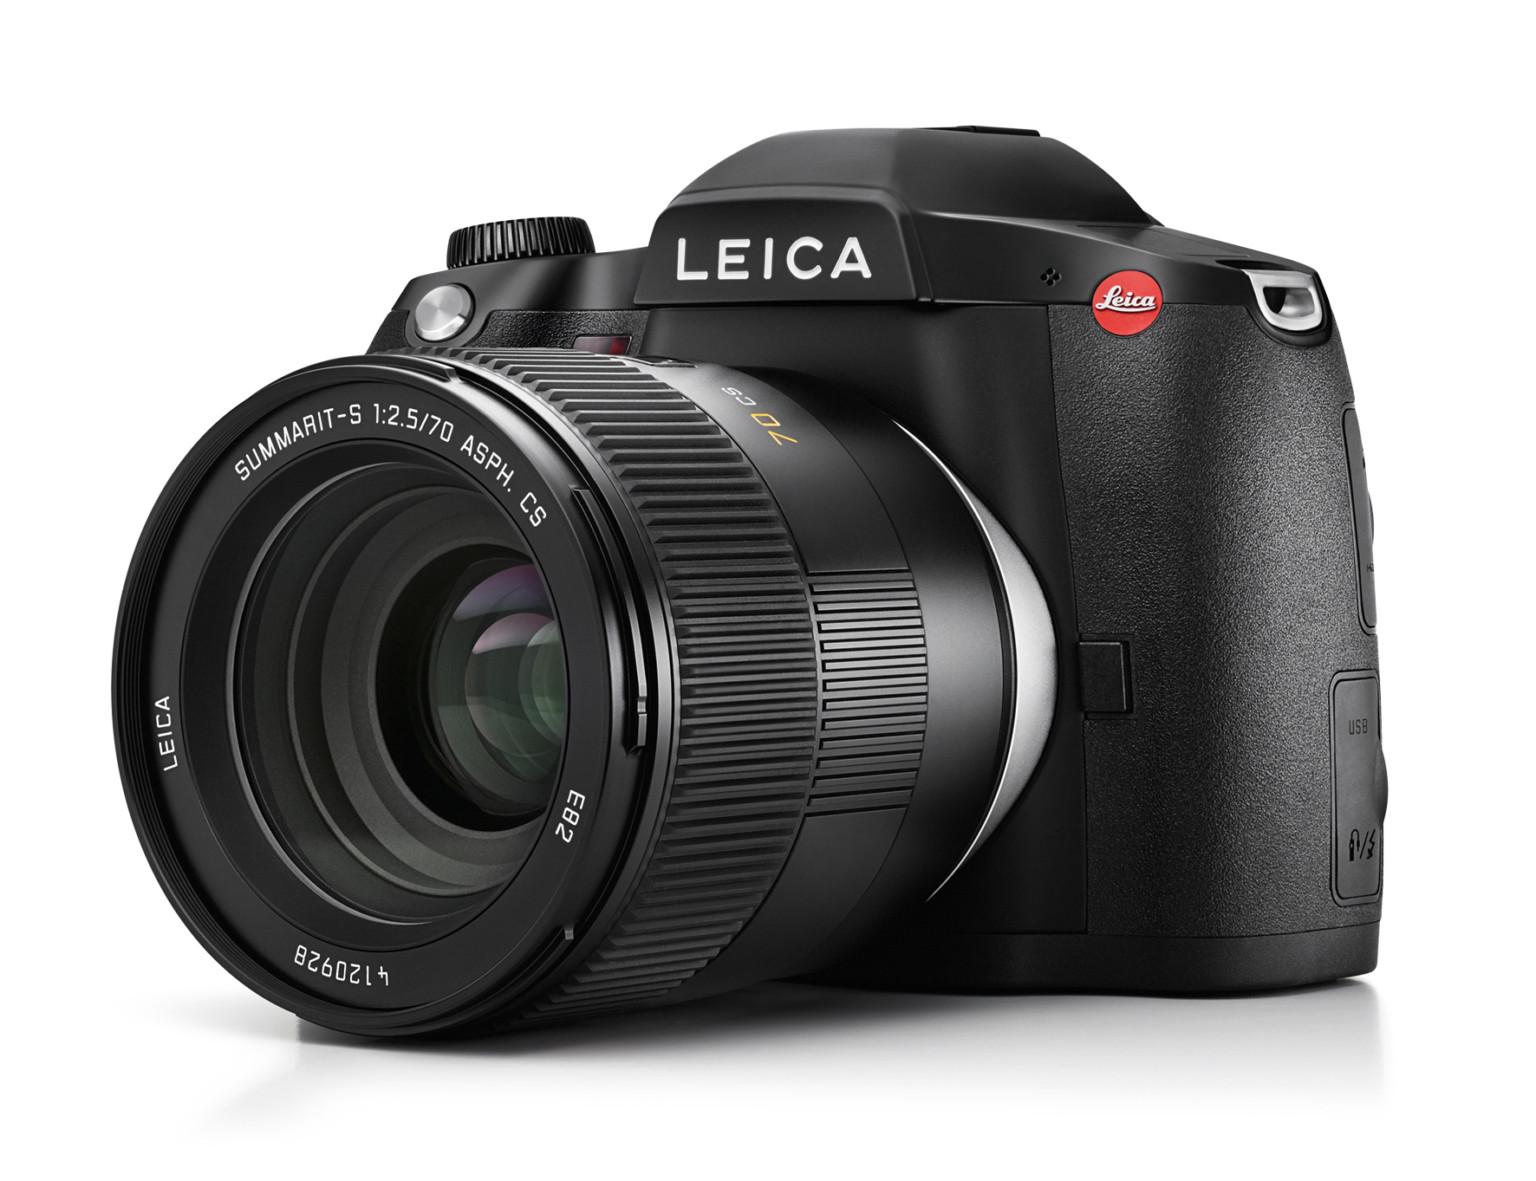 6400만 화소의 중형 카메라 라이카 S3 발표